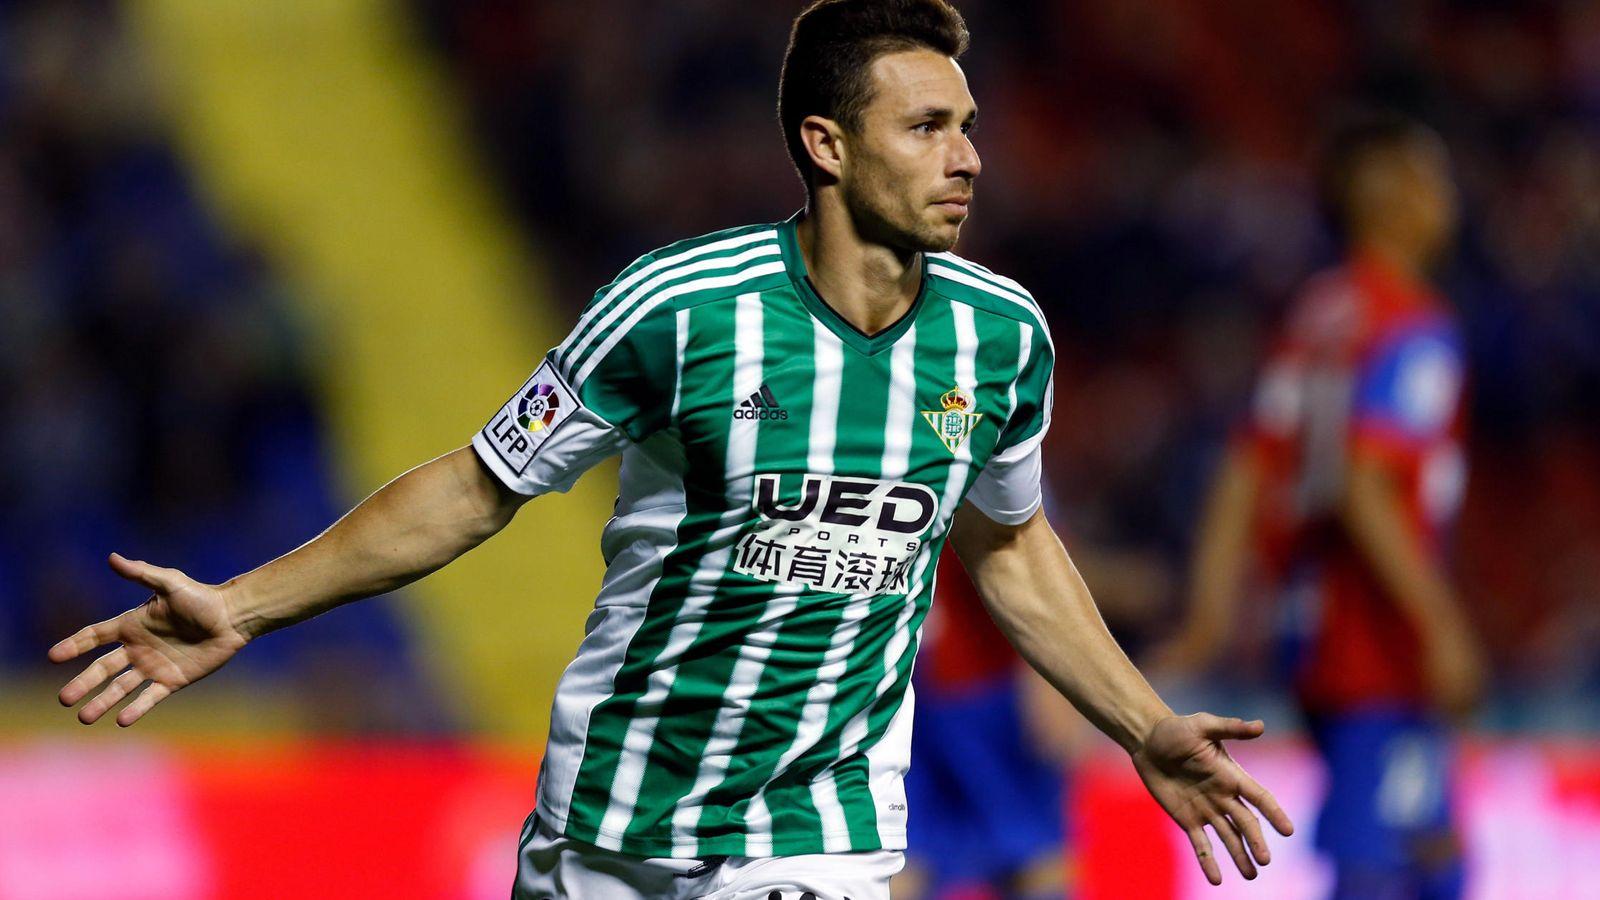 Foto: Rubén Castro ha marcado 15 goles esta temporada. (Efe)